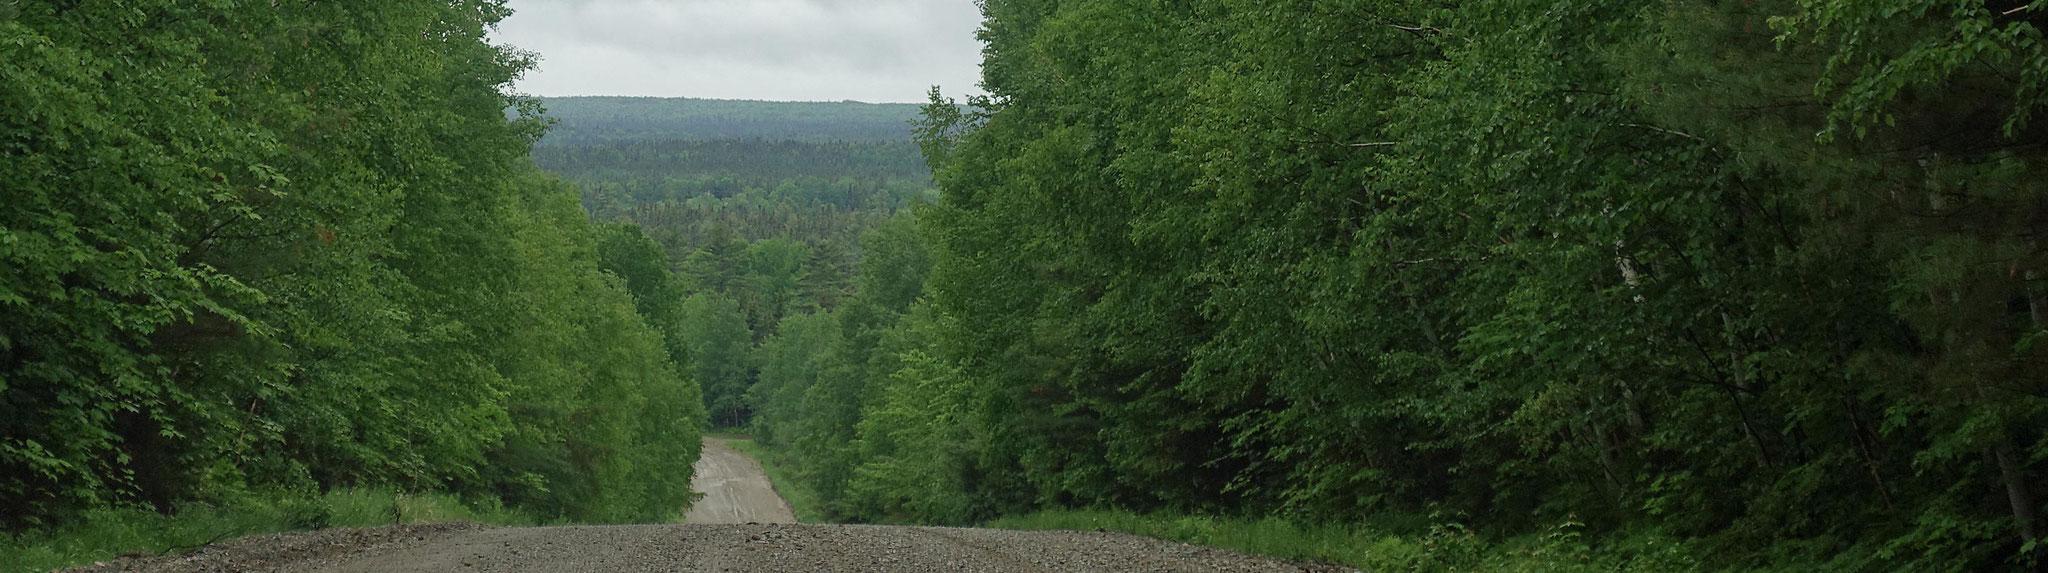 title:Atlantik-Kanada,title2:Wald mit Ufer,provinz: New Brunswick,bezirk:auf Anfrage,art:Mischwald,flaeche:10.000+ ha,ufer:>10 km,preis:auf Anfrage